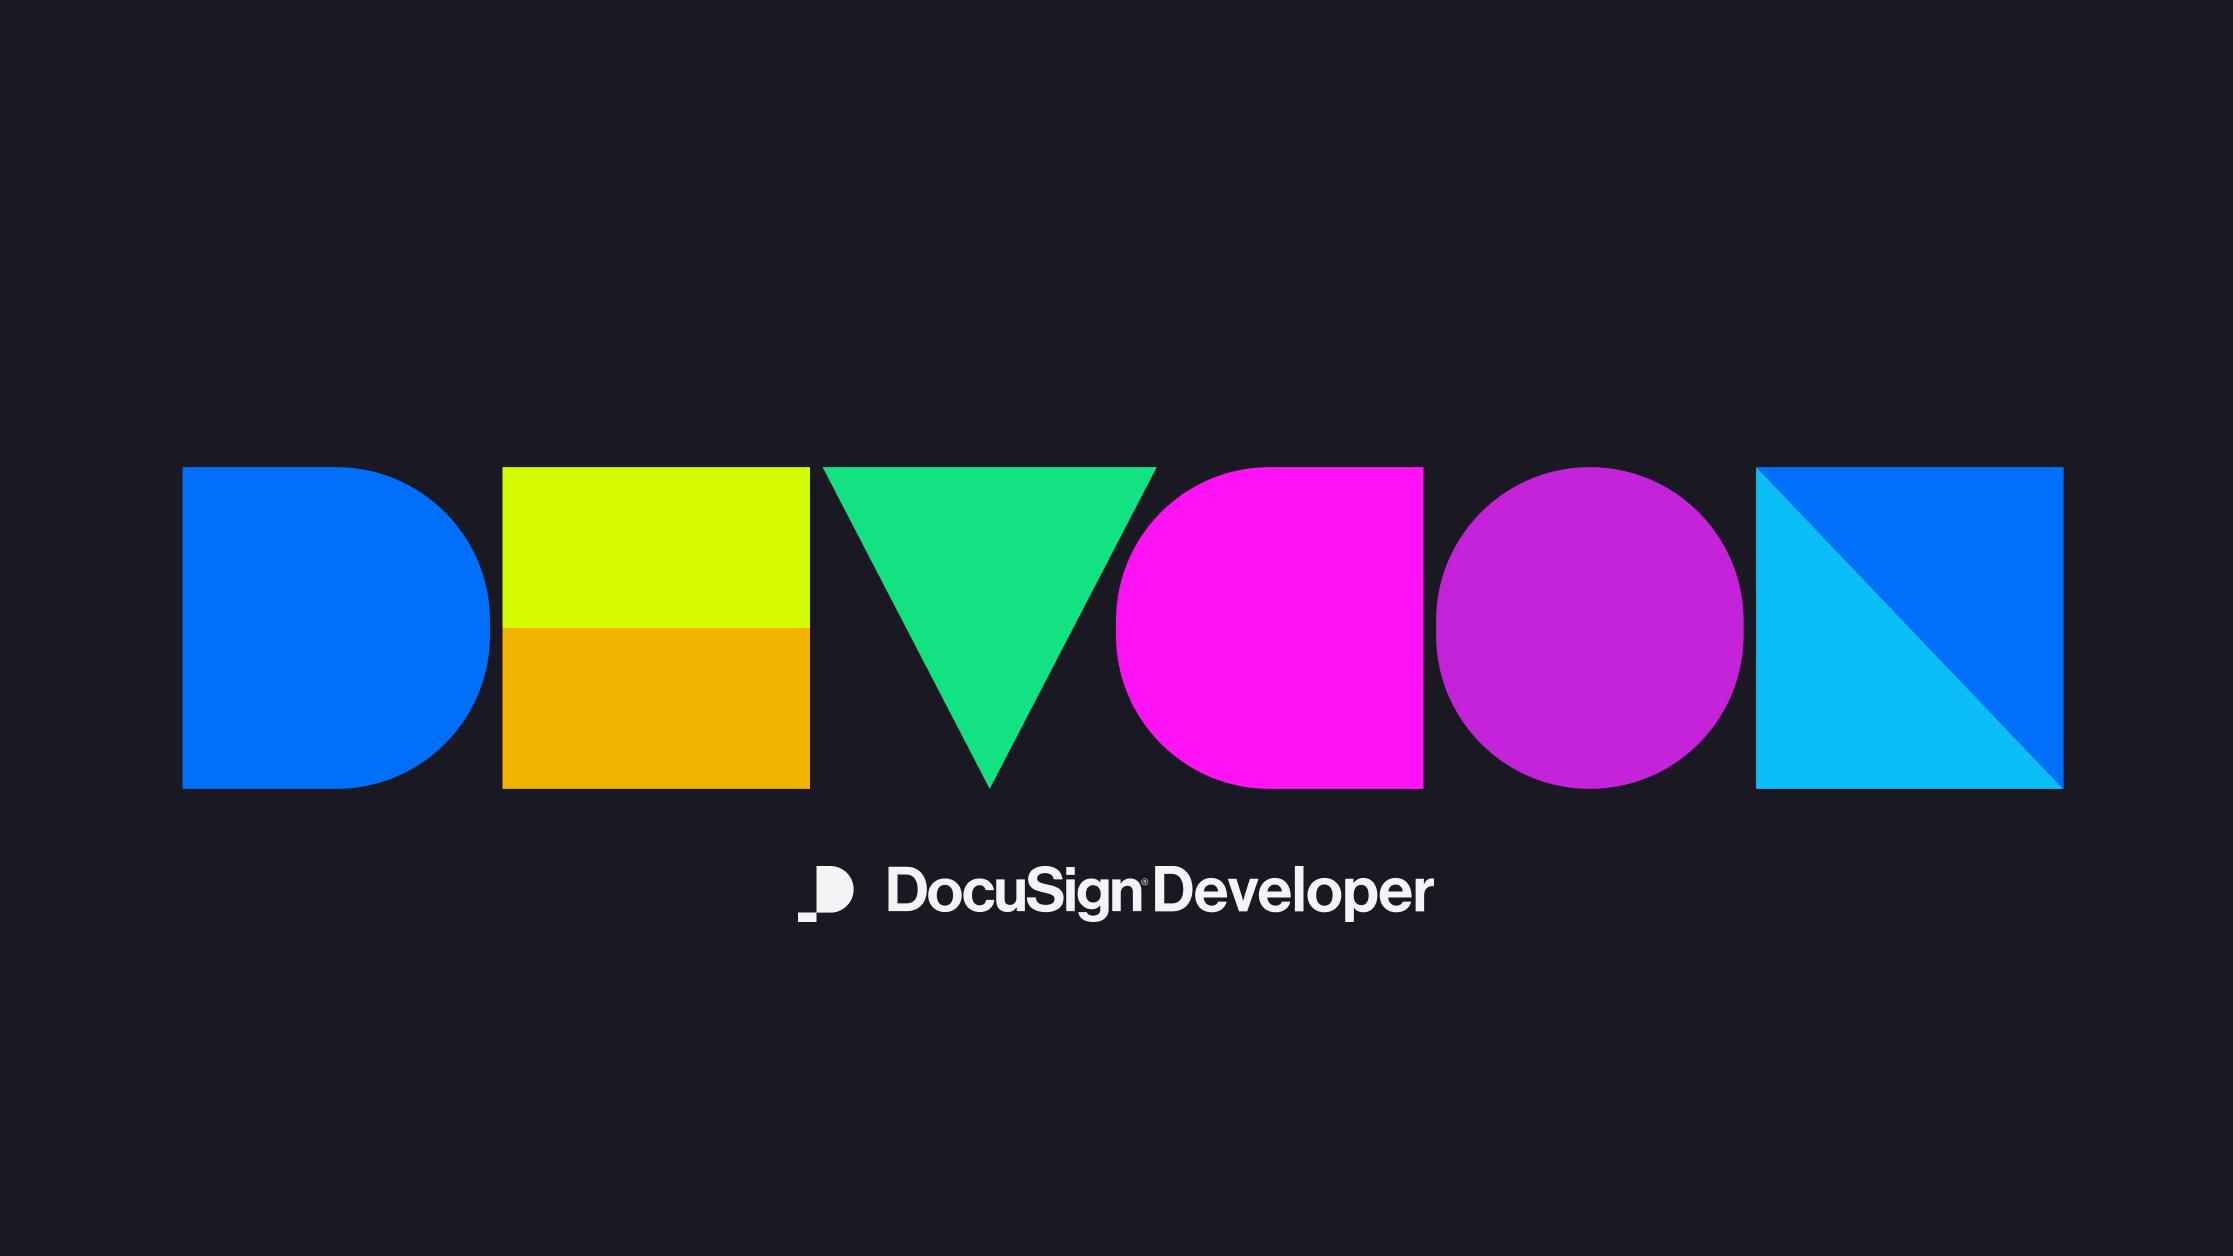 DocuSign Developer Conference